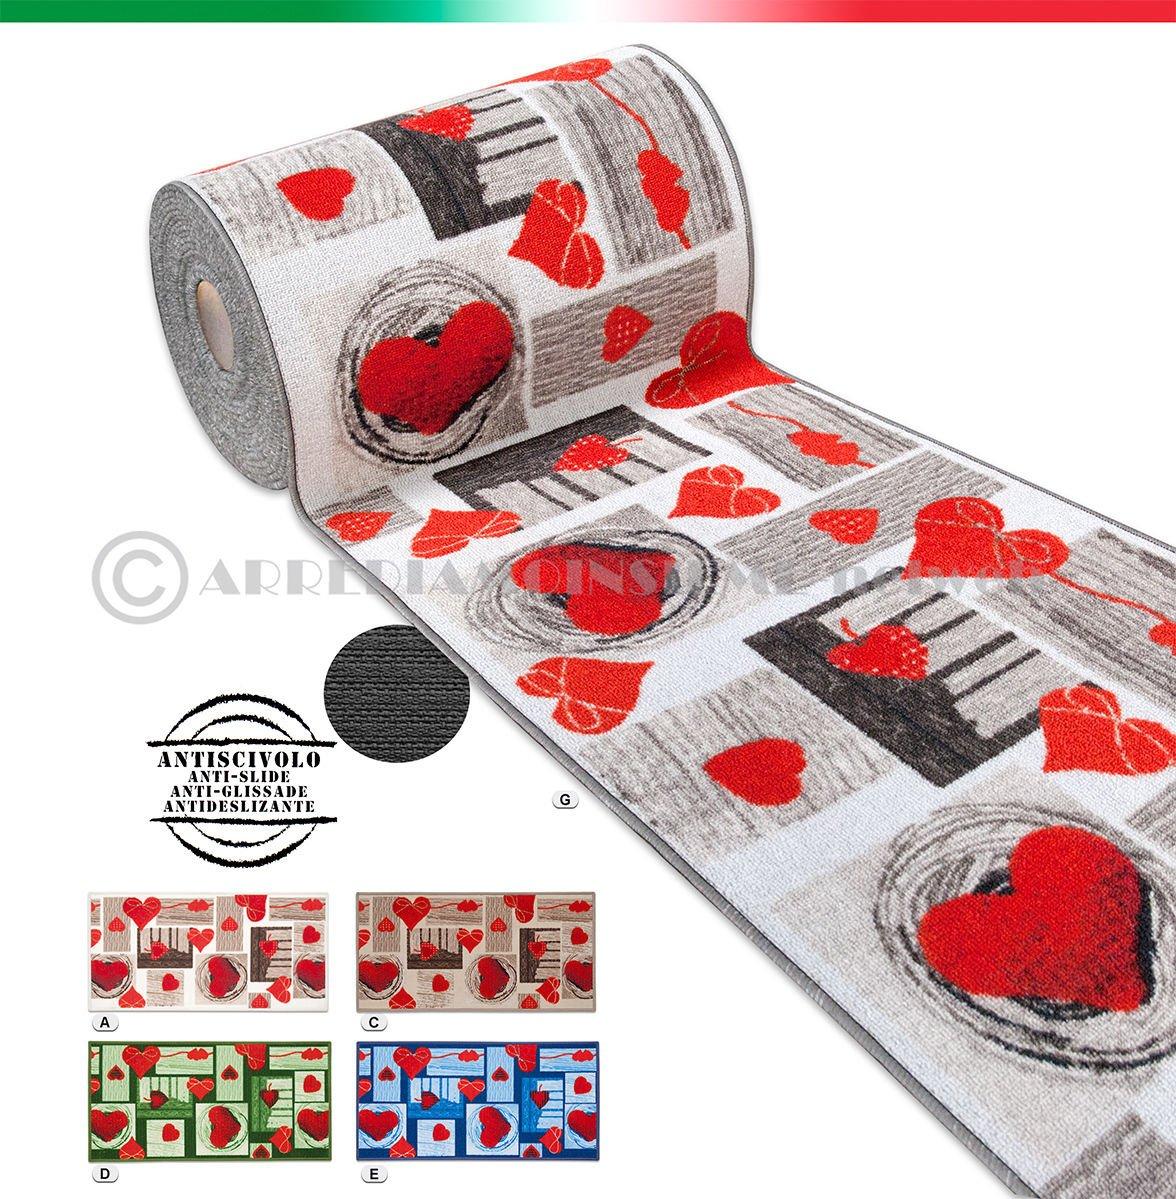 ARREDIAMOINSIEME-nelweb Tappeto cucina cuori TESSITURA PIATTA retro antiscivolo moderno multiuso corridoio bagno camera mod.FAKIRO14 50x40 BEIGE (A) EMMEVI